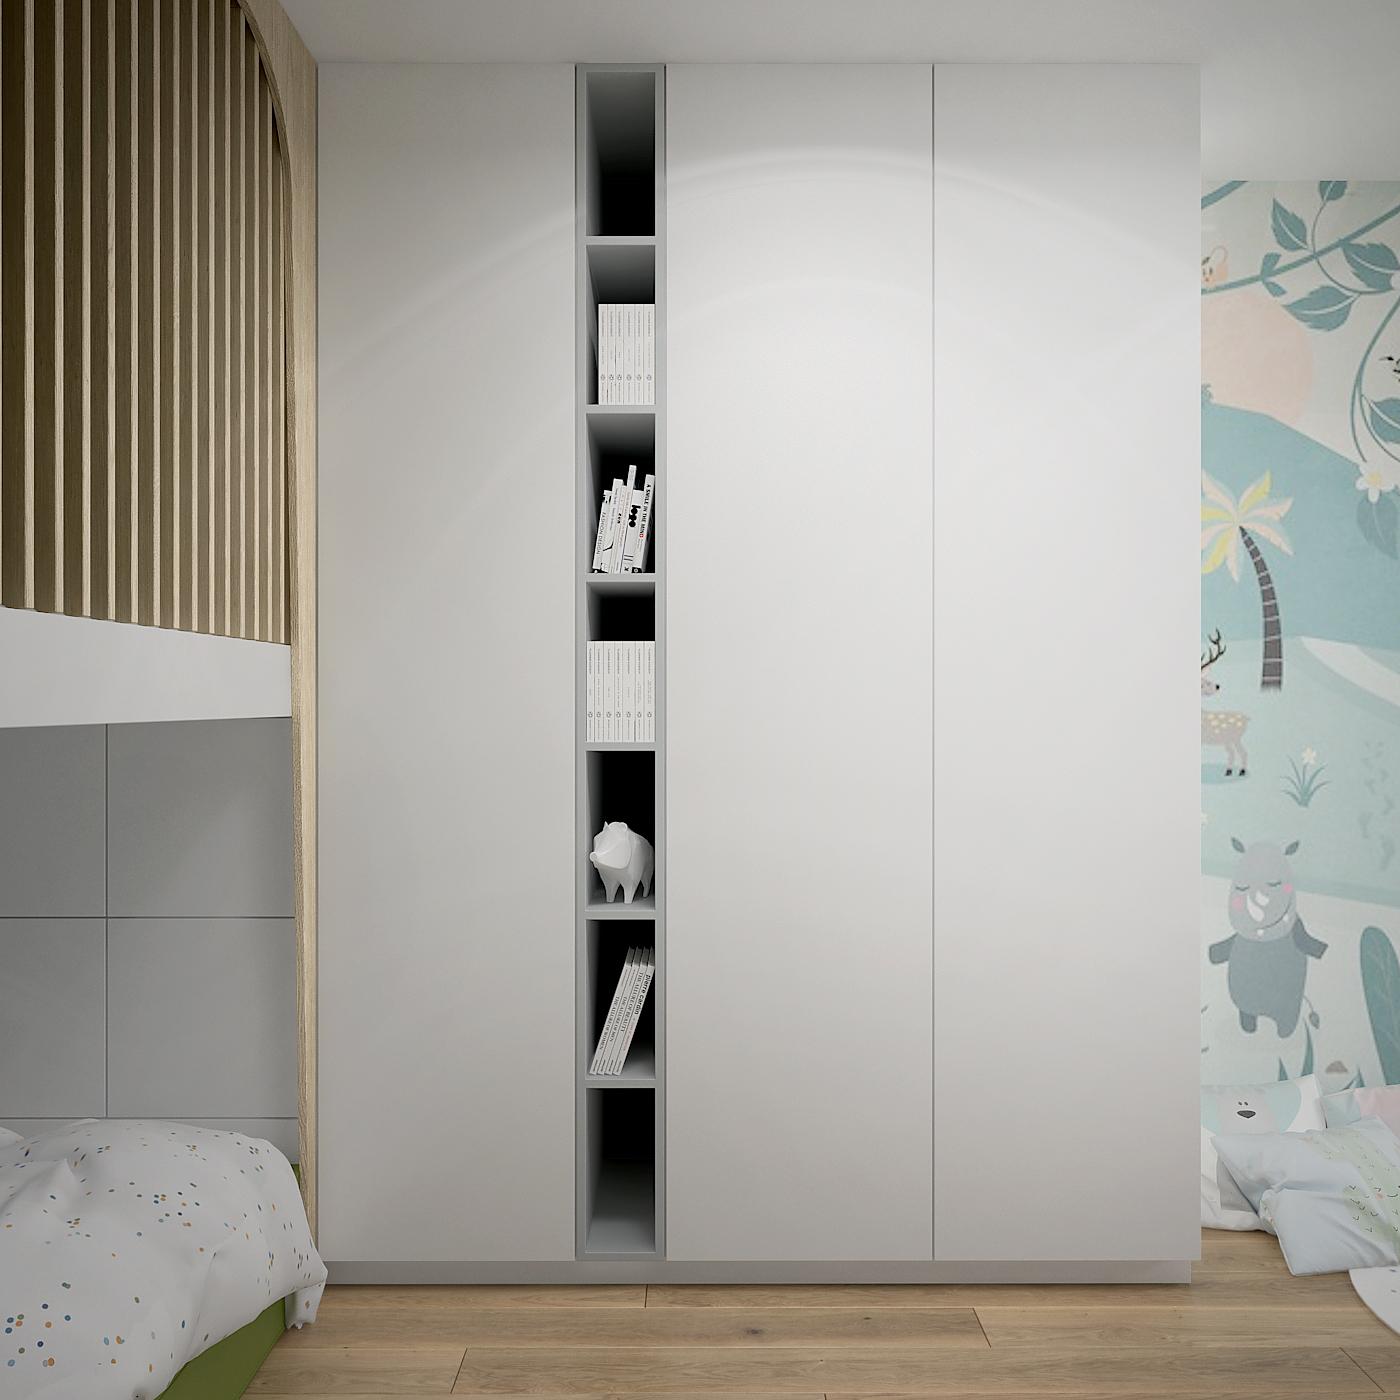 18 projekt wnetrza 537 mieszkanie krakow pokoj dziecka duza zabudowa garderobiana tapeta ze zwierzetami deska na podlodze